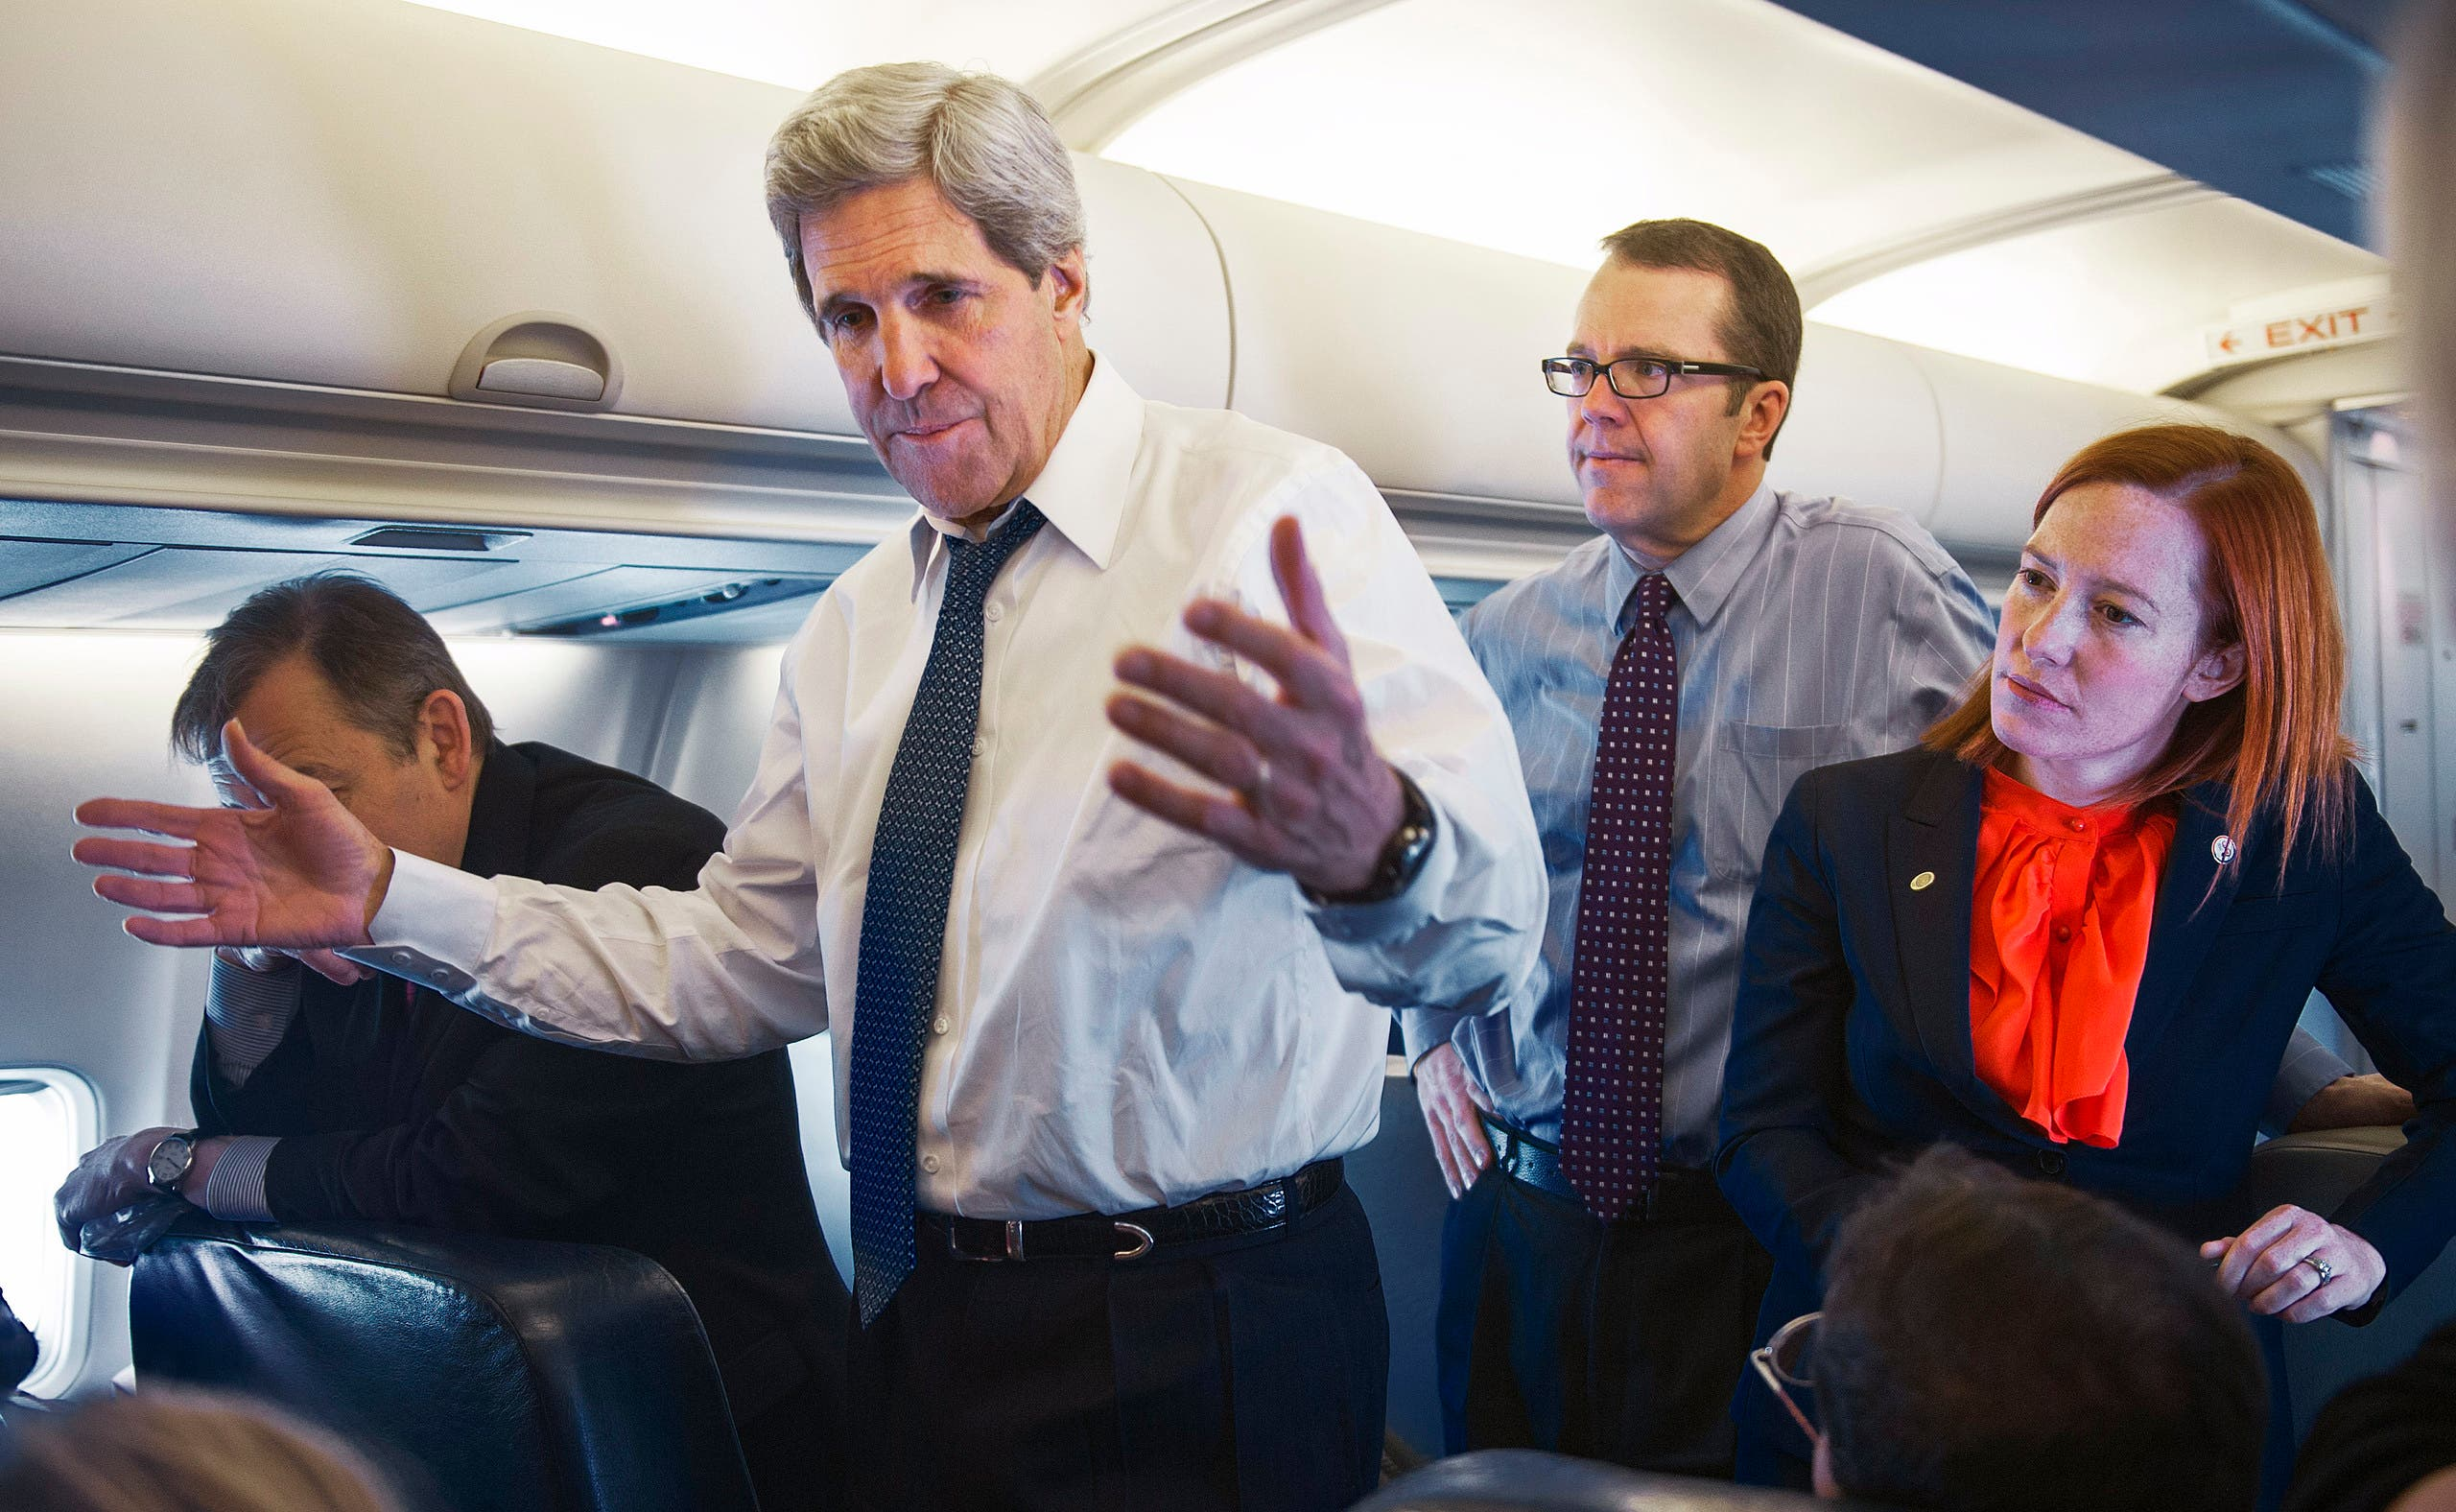 ساكي مع جون كيري خلال رحلة بين كوريا والصين في 2013